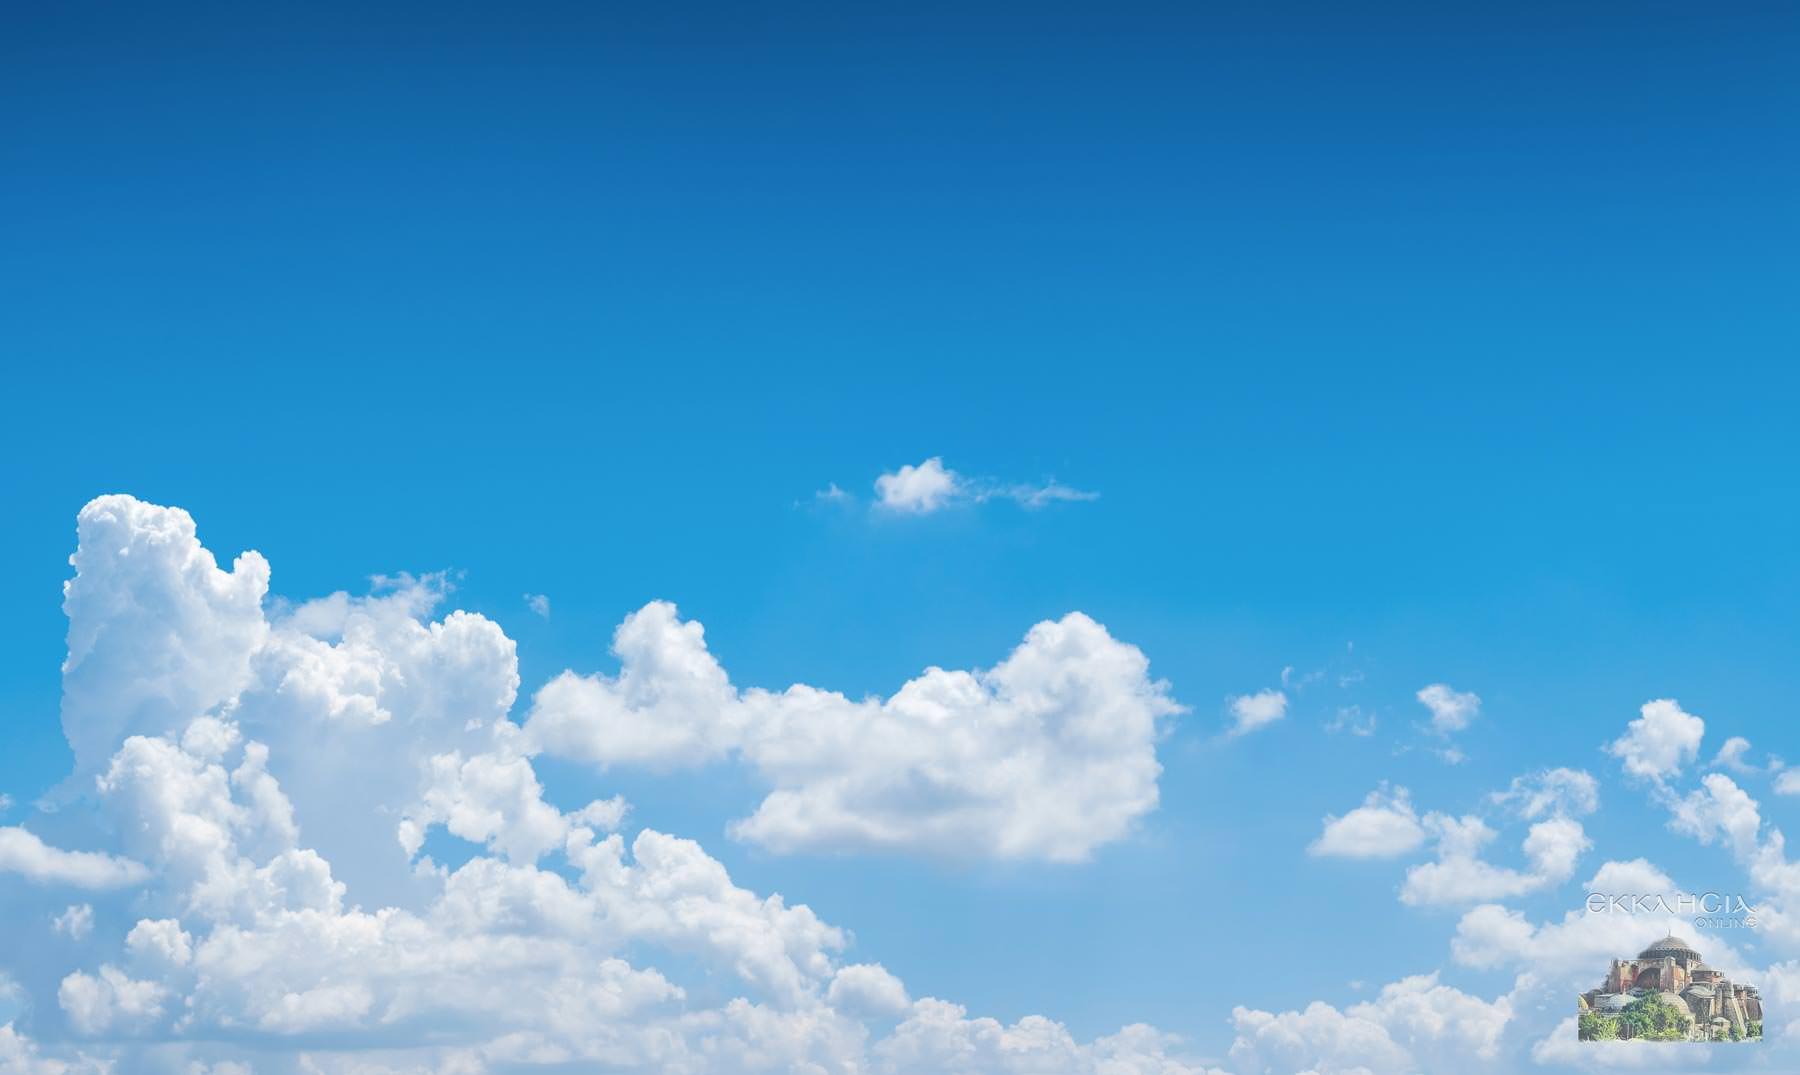 καιρός ουρανός σύννεφα